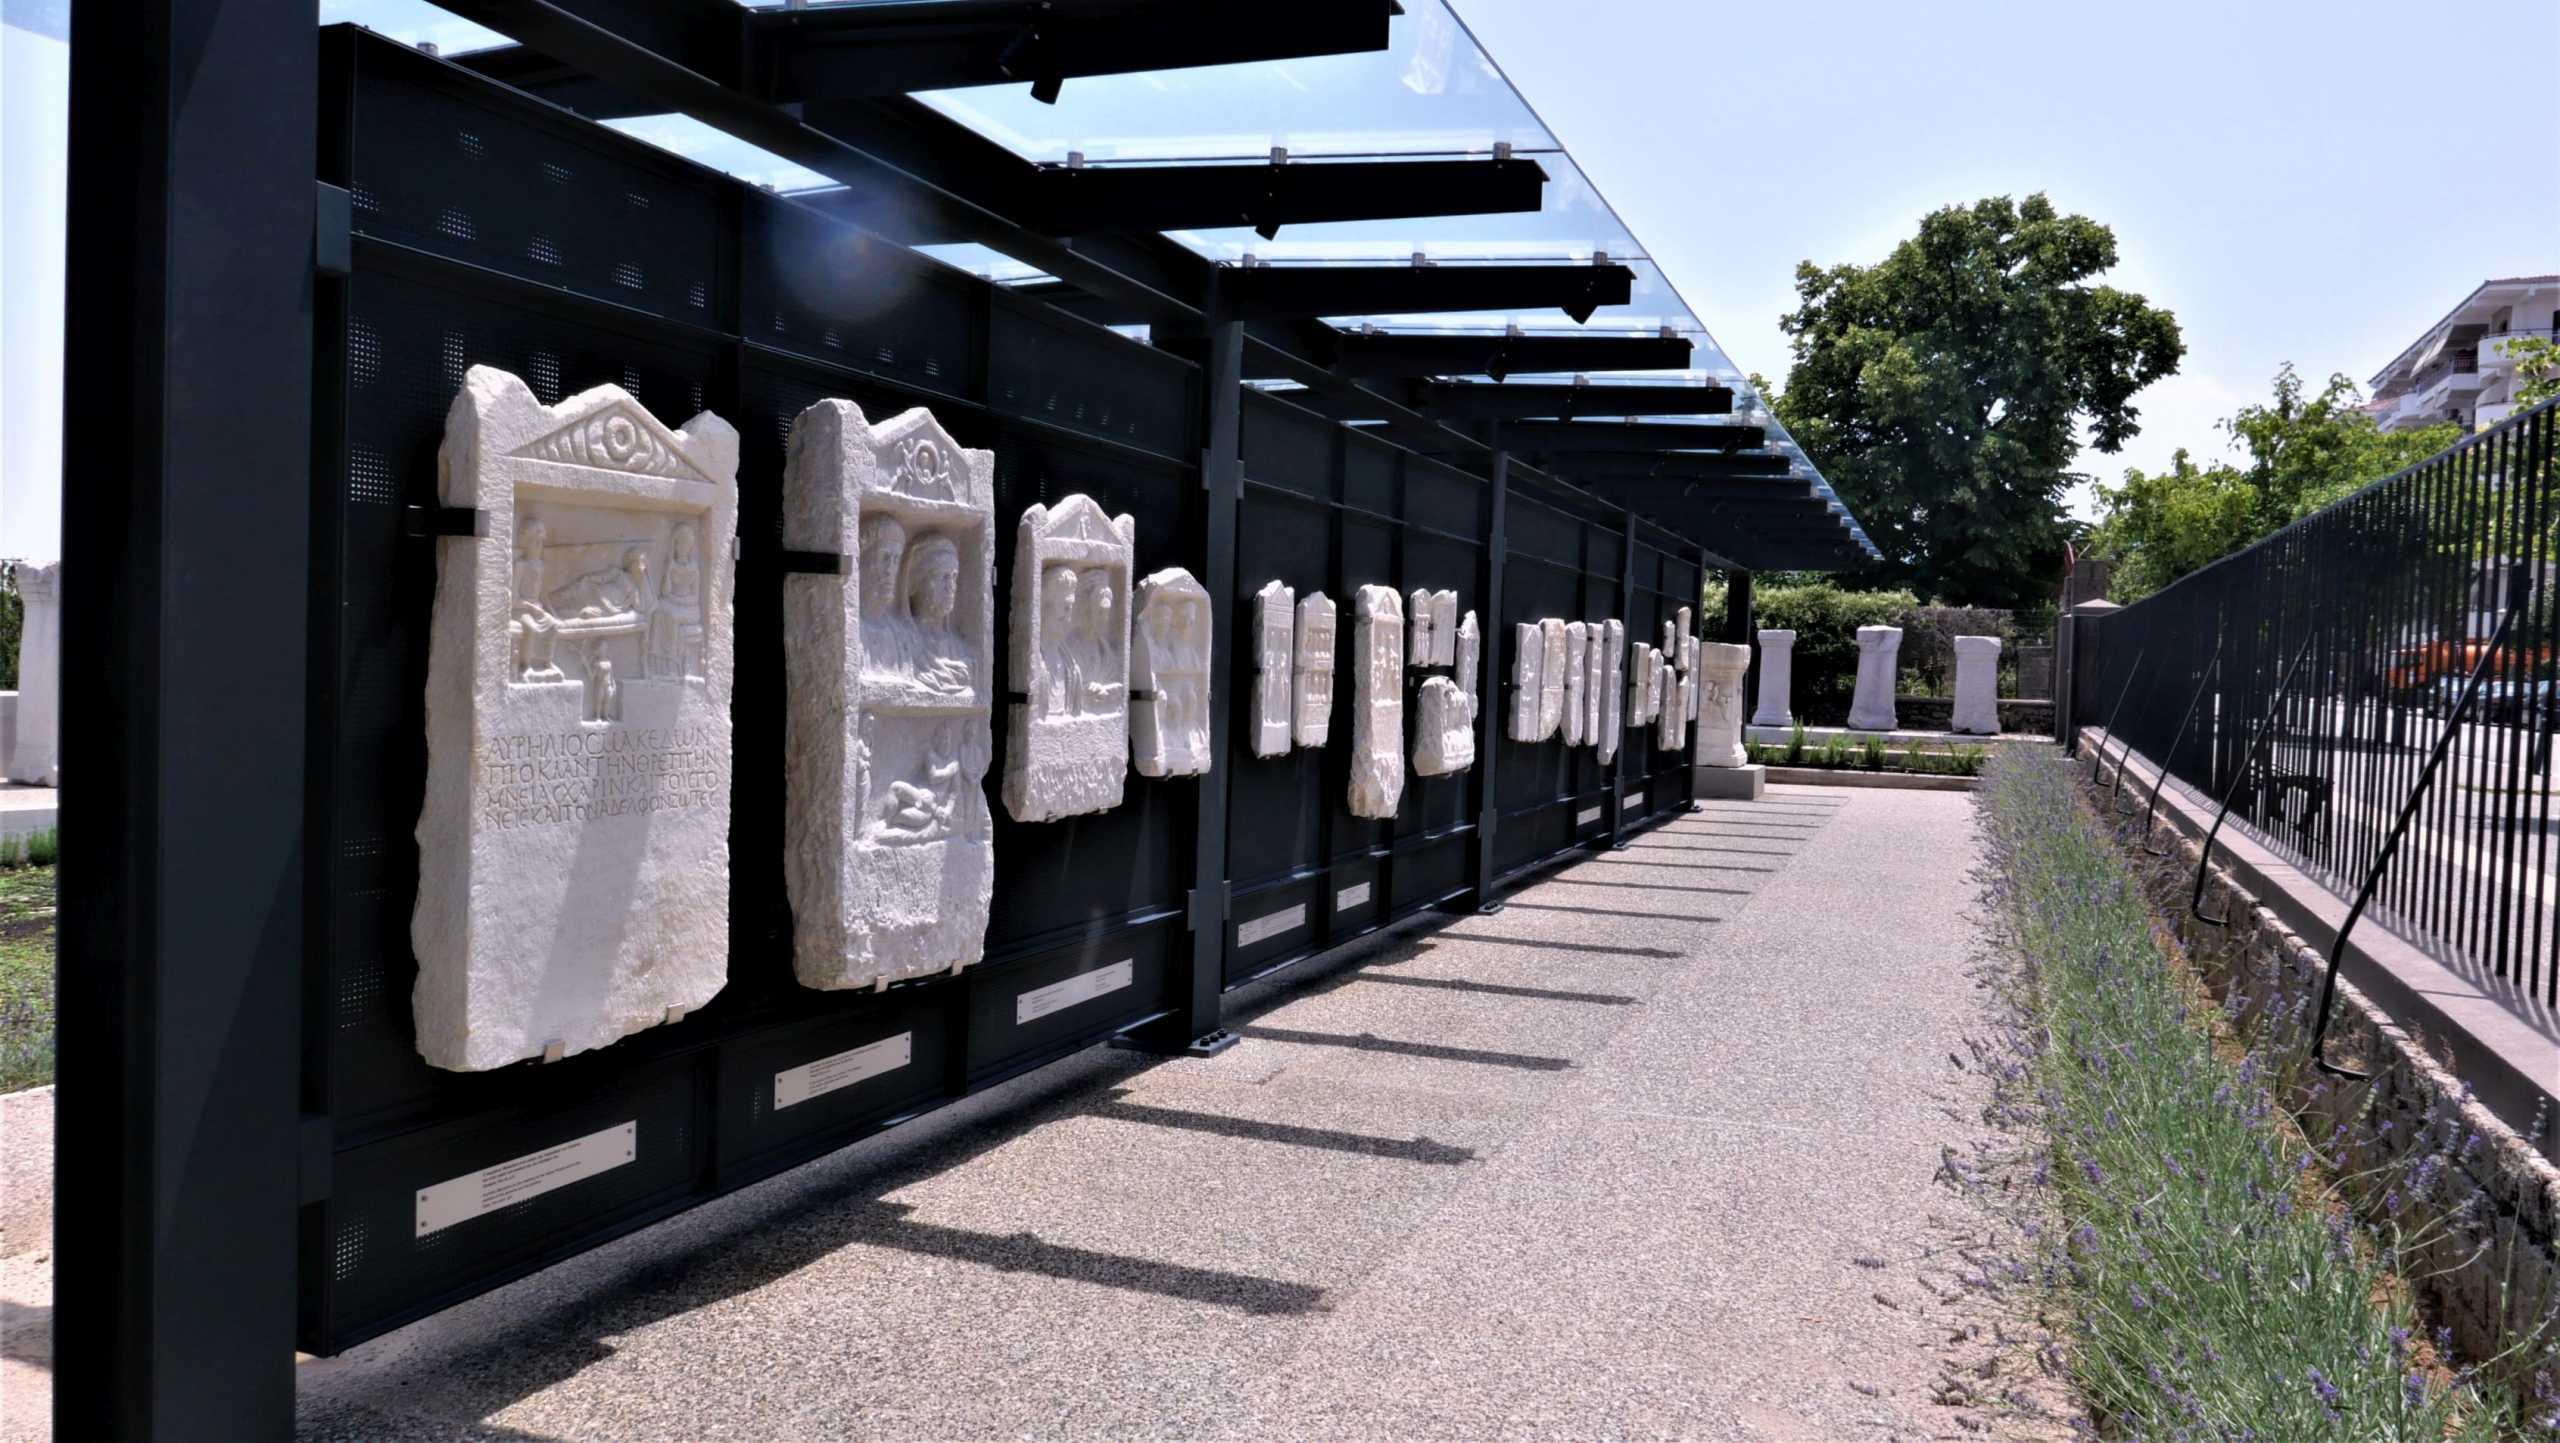 Βεργίνα: Βασιλικοί τάφοι και σπάνια ευρήματα – Μέσα στο αρχαιολογικό πάρκο της Νεκρόπολης των Αιγών